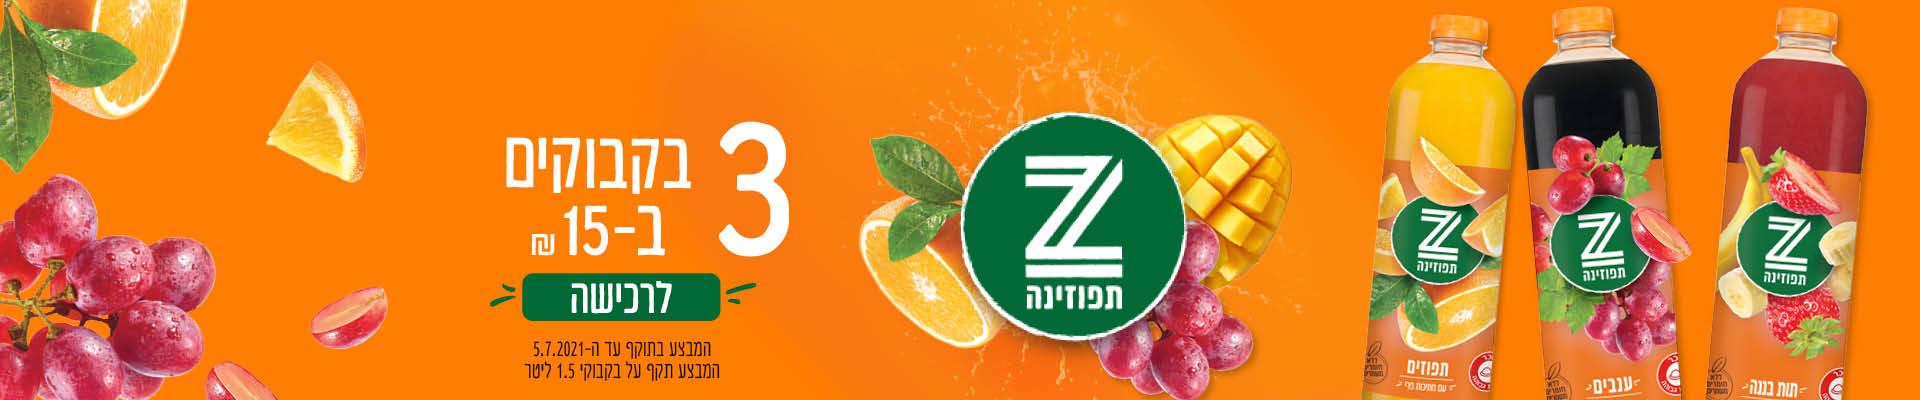 תפוזינה זה מה שבא לי תפוזינה 1.5 ליטר 3 ב- 15 ₪ המבצע בתוקף עד ה- 5.7.2021 המבצע תקף על בקבוקי 1.5 ליטר